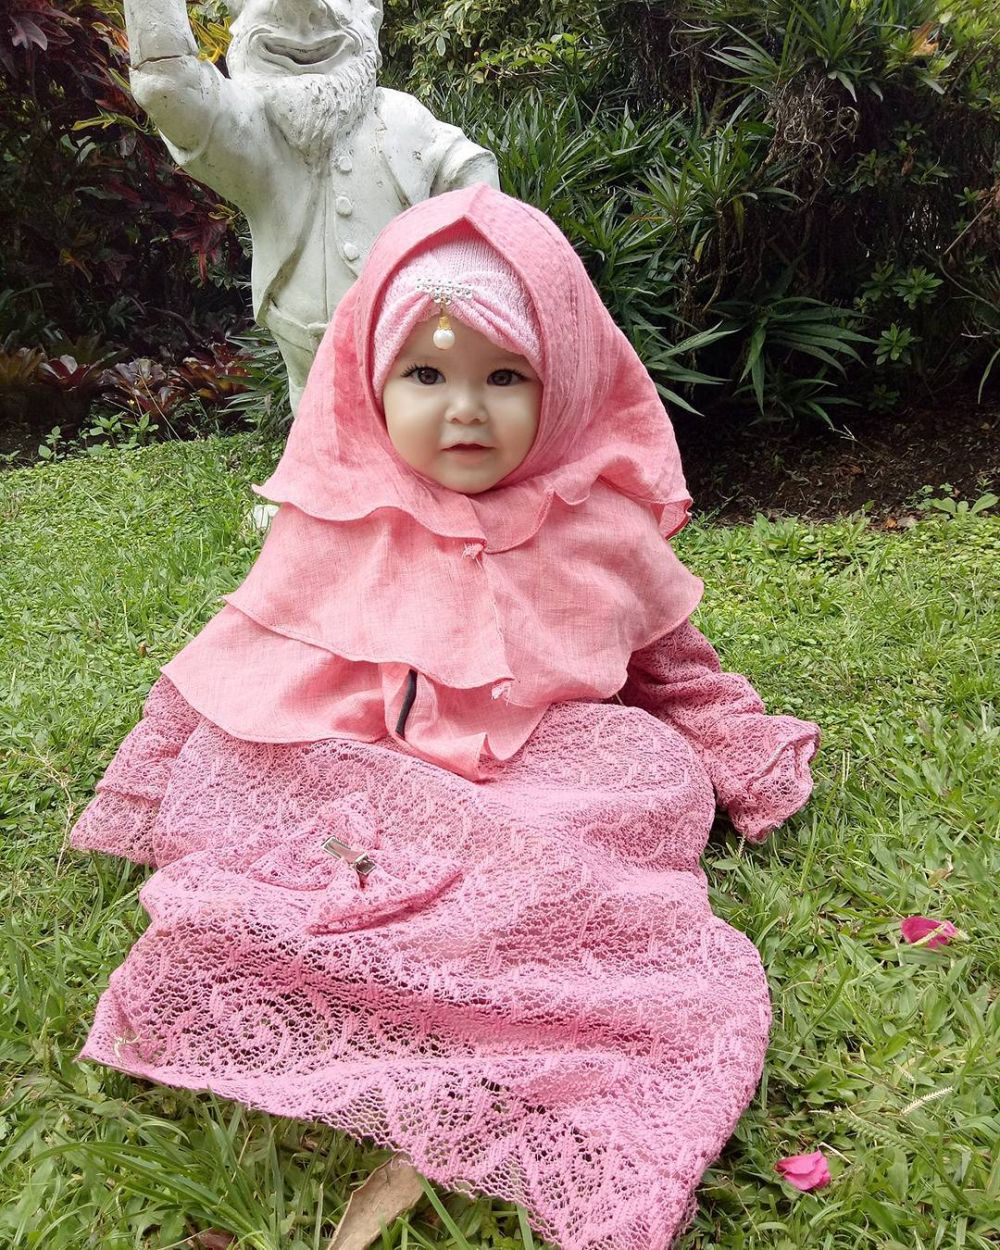 6 43 Naura Alaydrus, Bayi 1 Tahun yang Hits Karena Hijabnya, Seperti ini 12 Potret Lucunya, Gemesin Banget